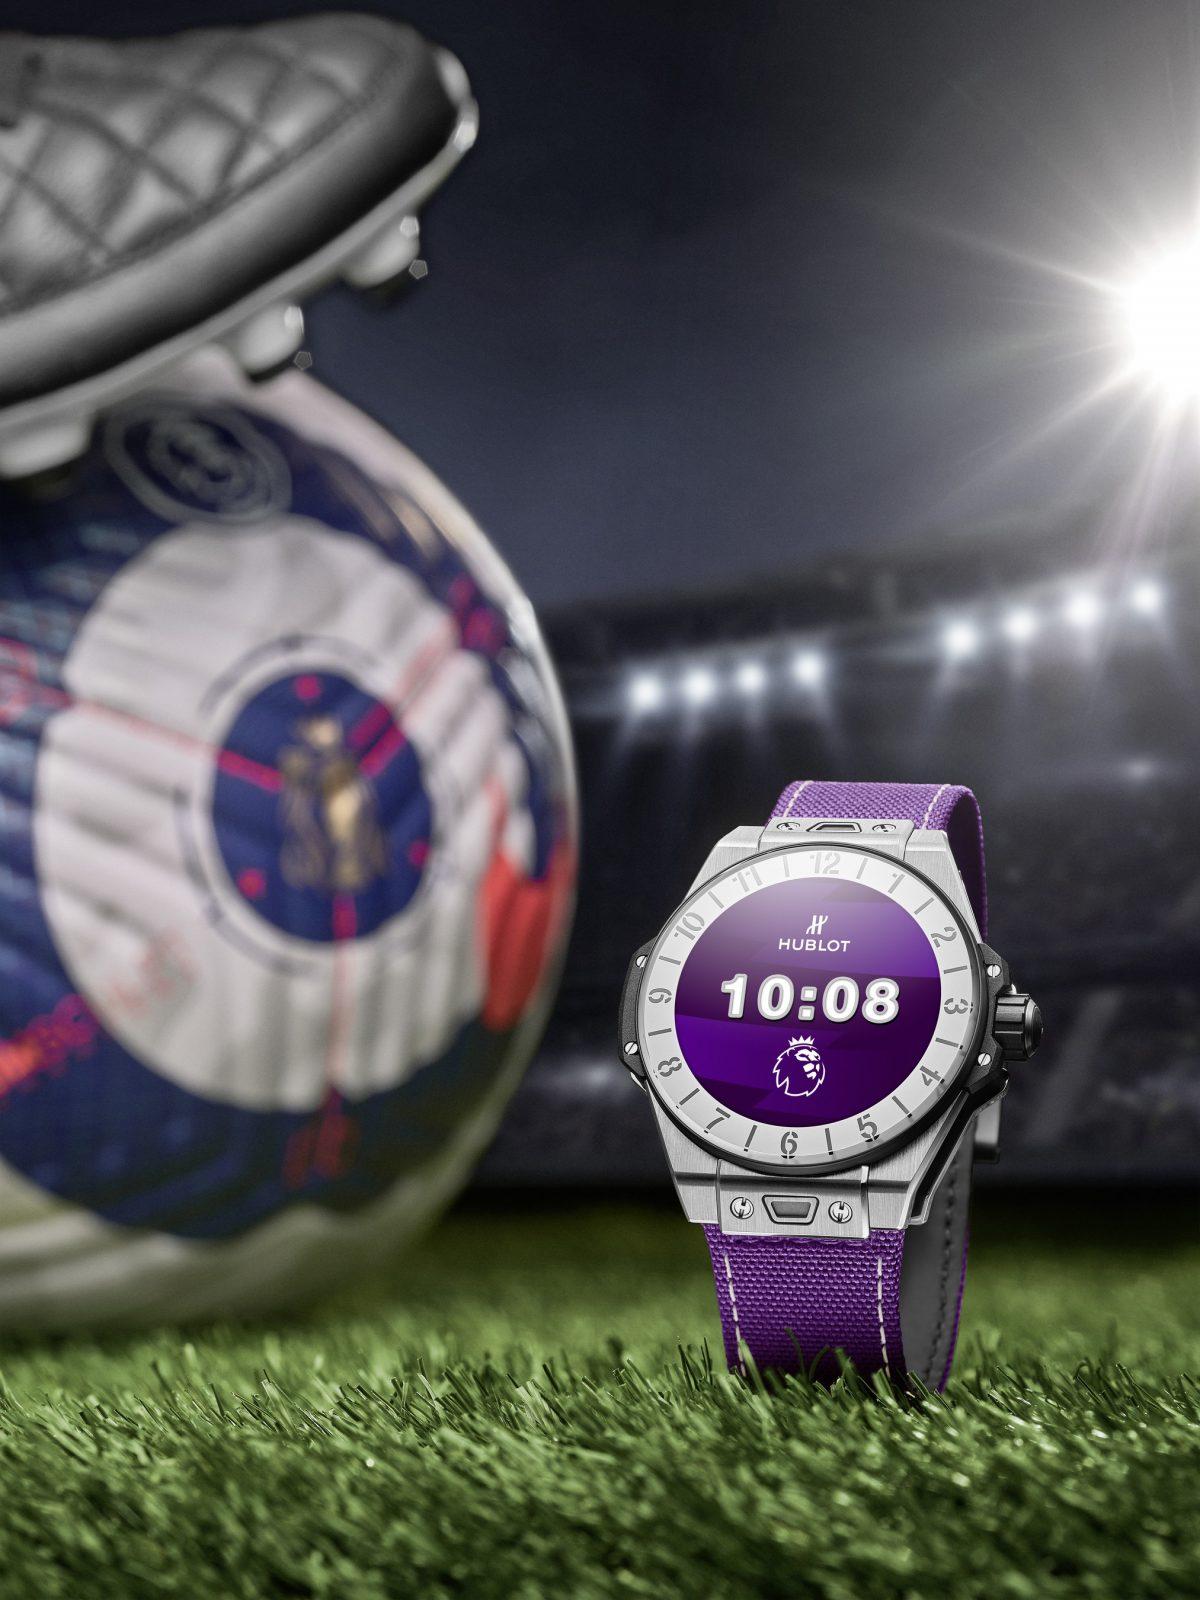 La manufactura suiza de relojes Hublot, cronometrador oficial de la Premier League, ha anunciado una versión de su reloj conectado Big Bang e en edición limitada.